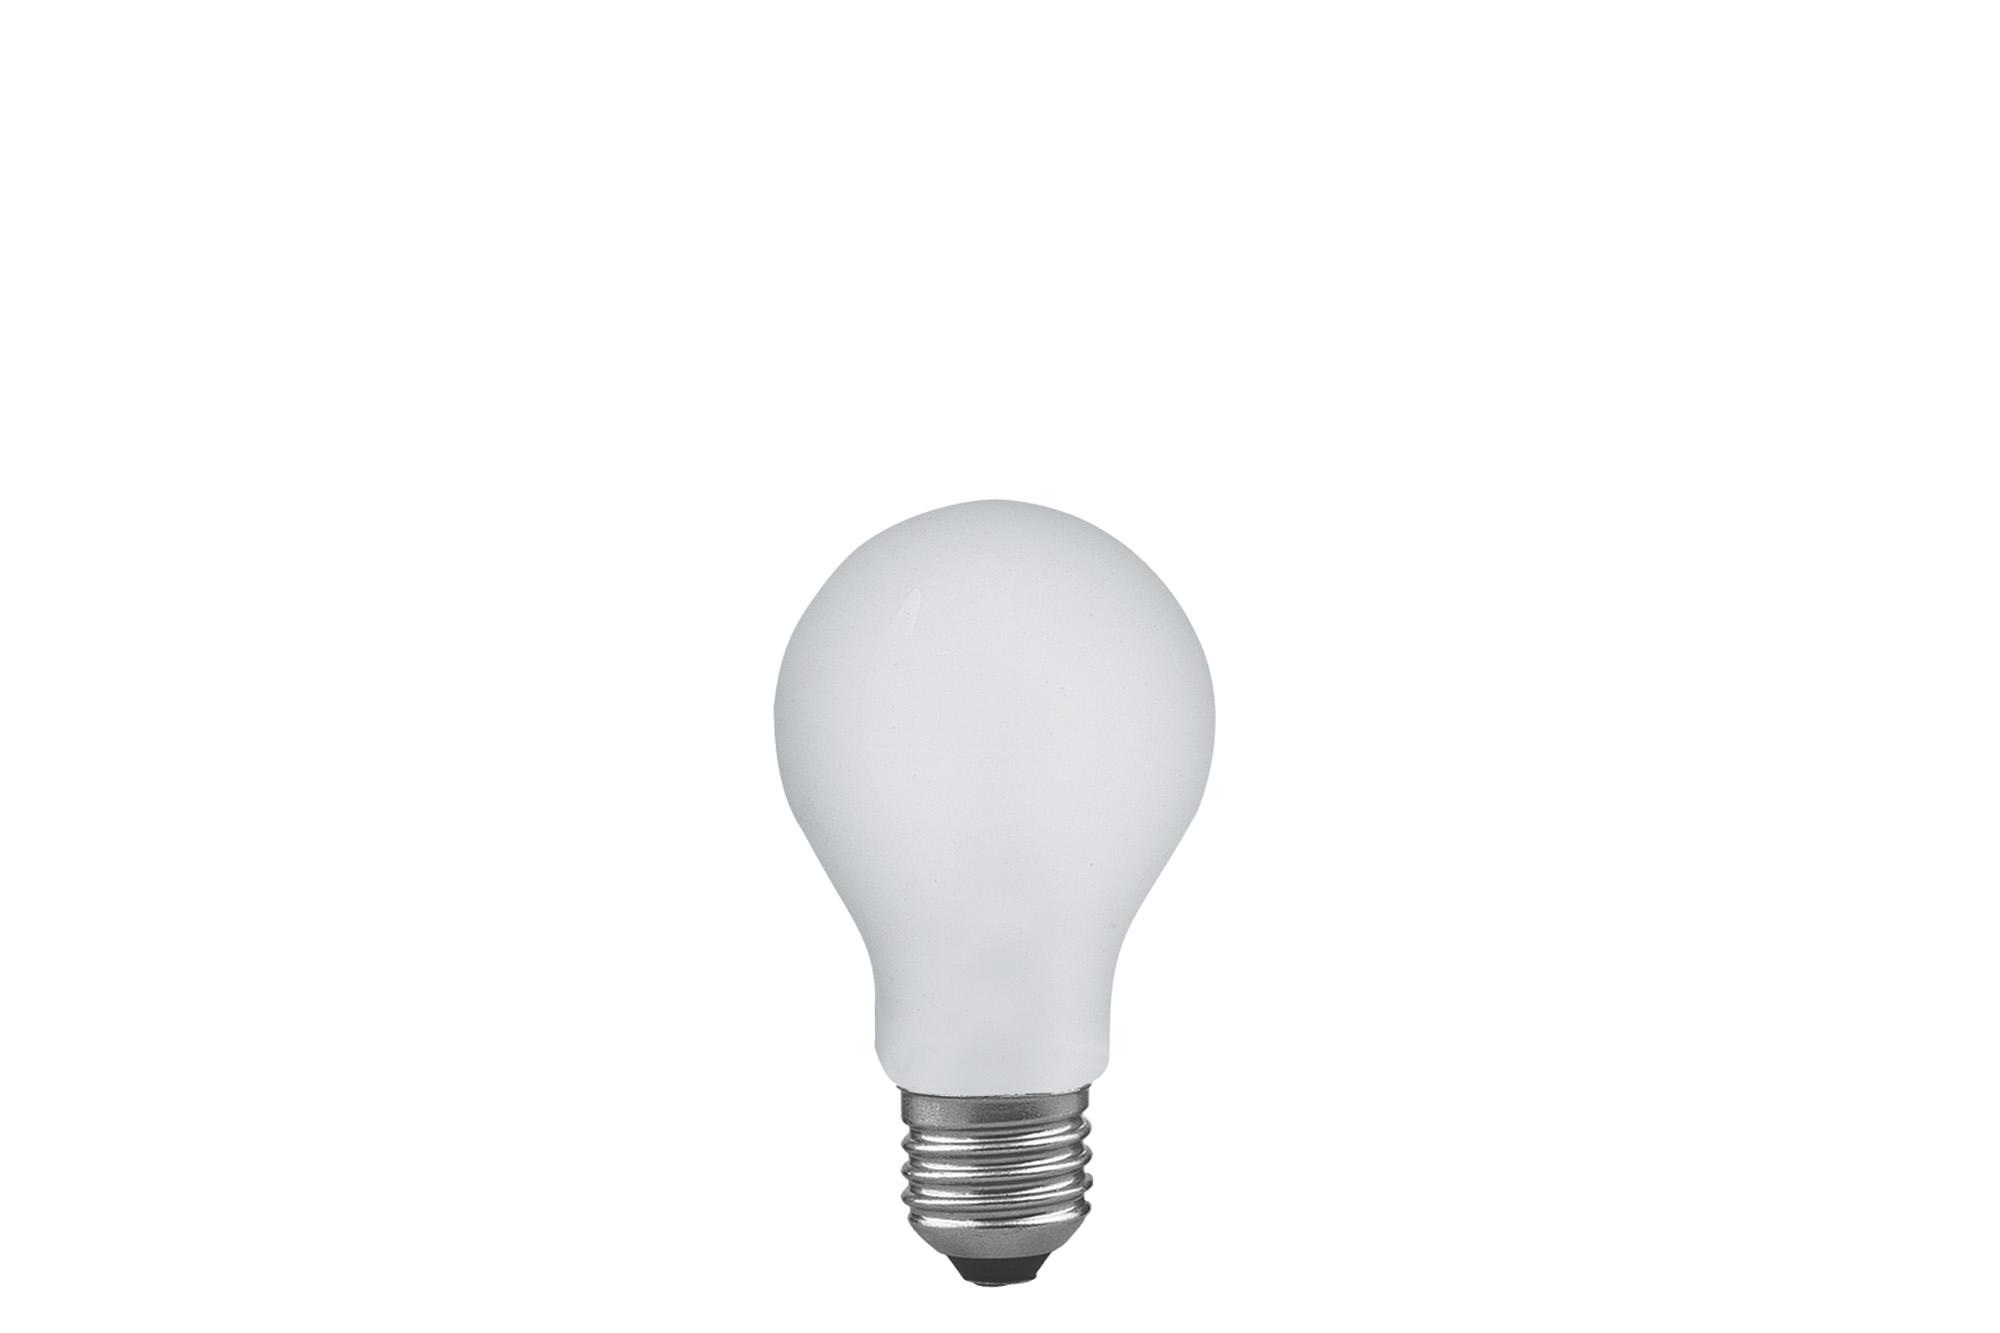 Paulmann. 40019 Лампа AGL Sto?fest 60W E27 230V, матовая